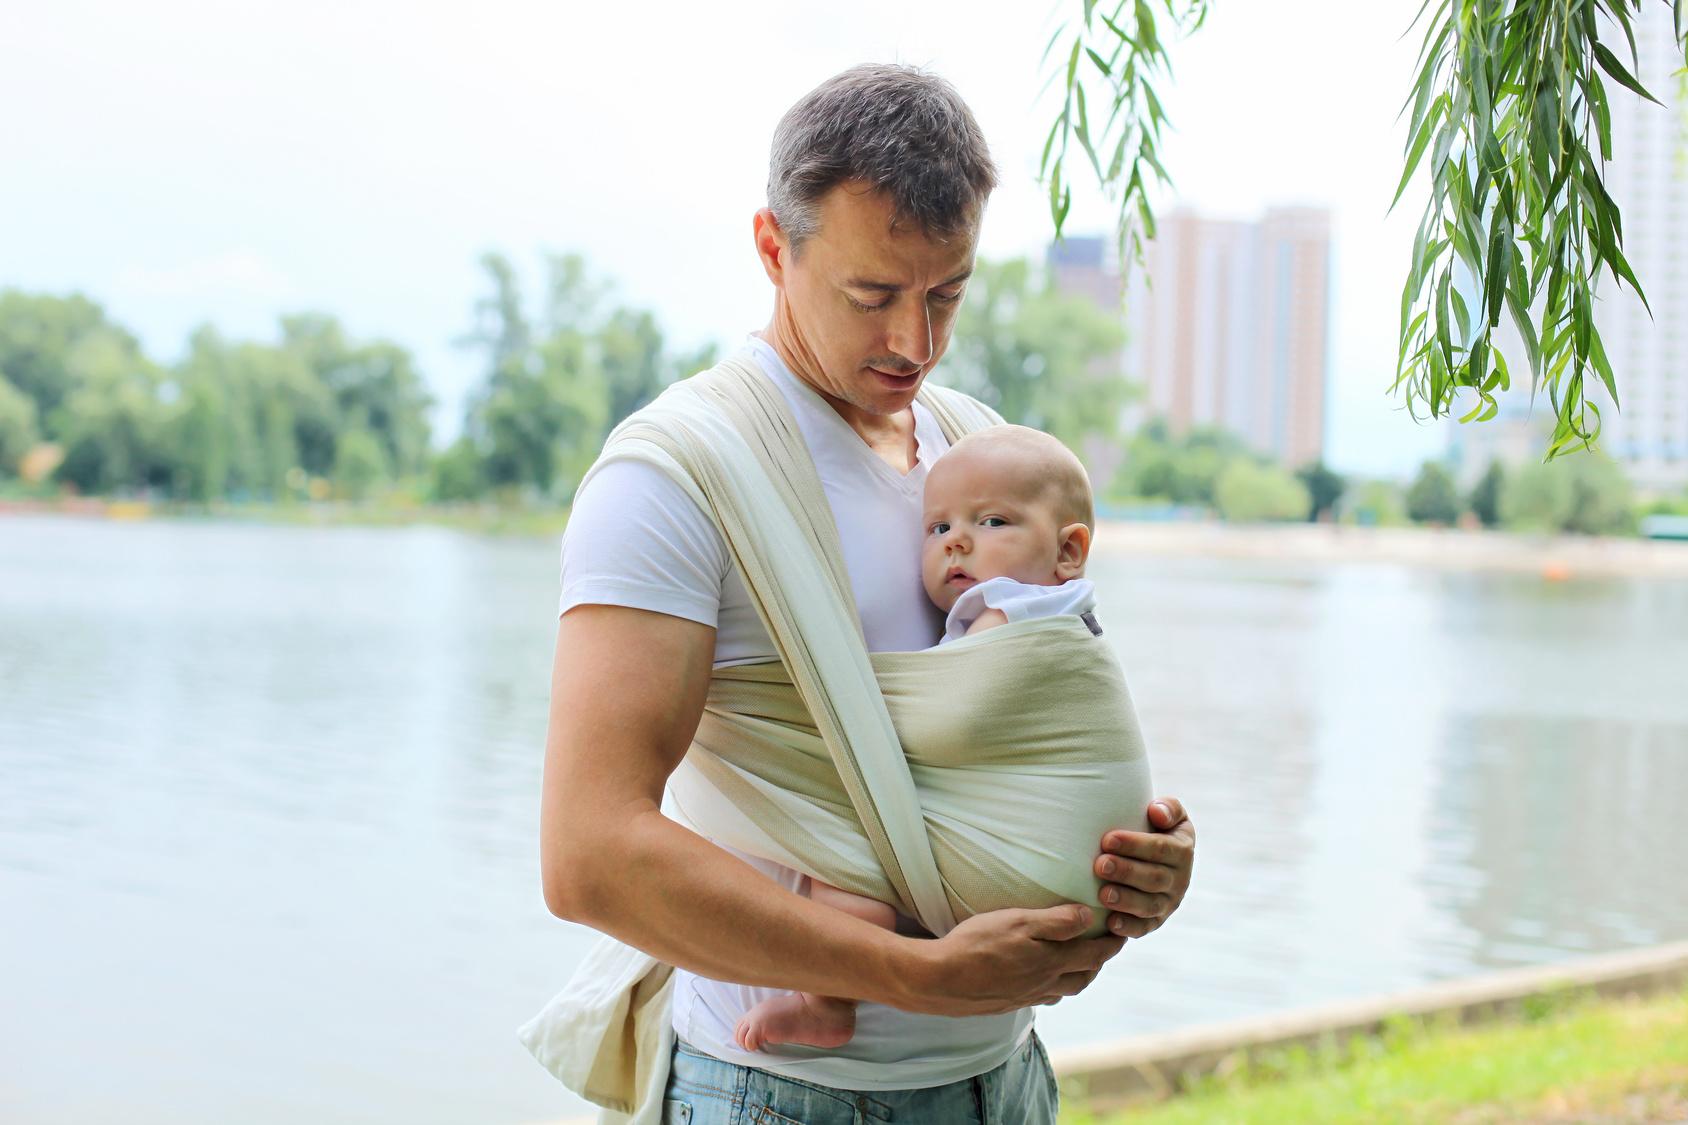 Portage   comment choisir entre écharpe et porte-bébé     Laurence Pernoud 629715042140